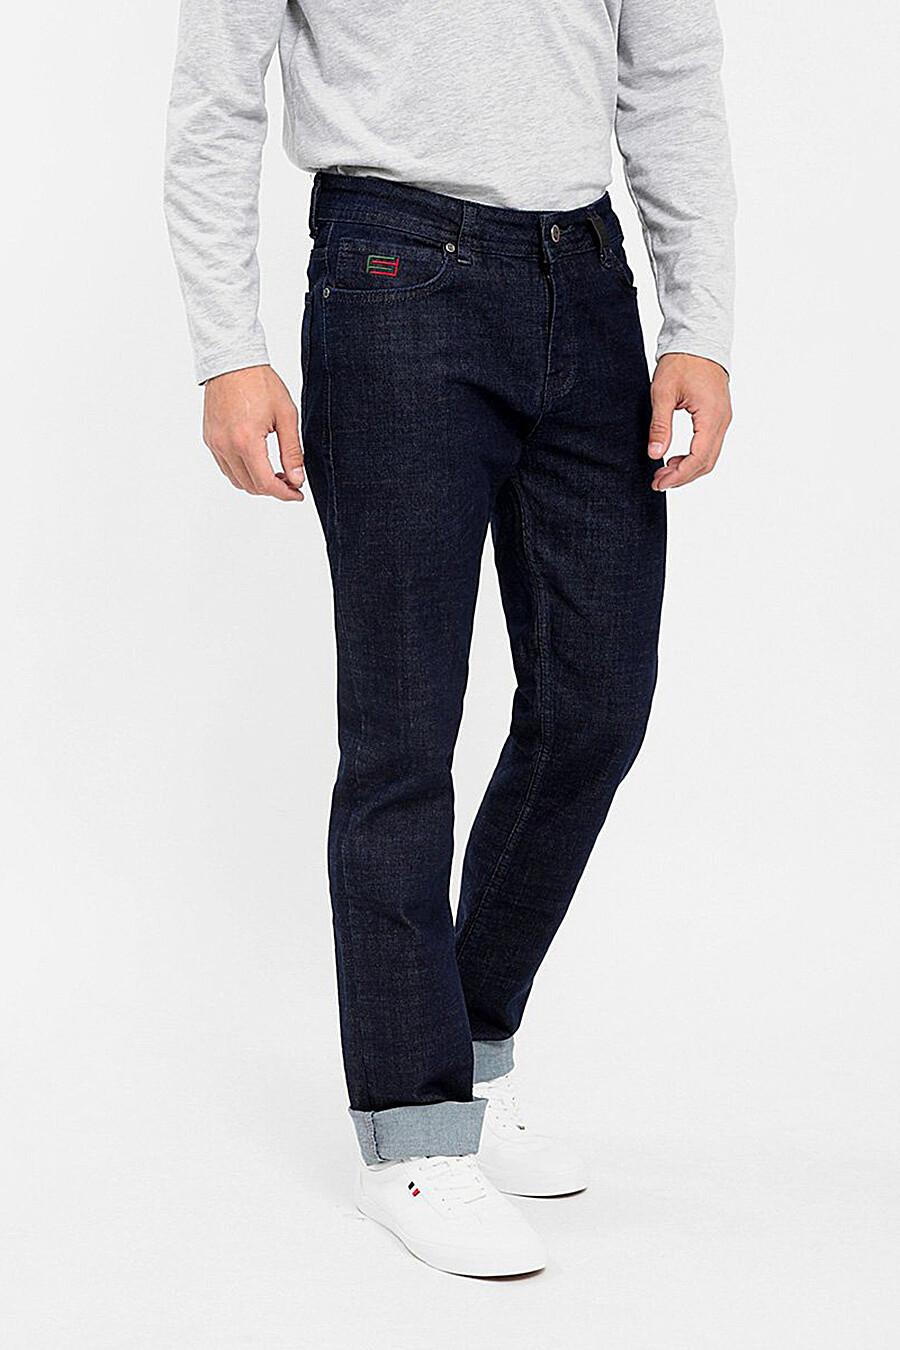 Джинсы для мужчин F5 154228 купить оптом от производителя. Совместная покупка мужской одежды в OptMoyo